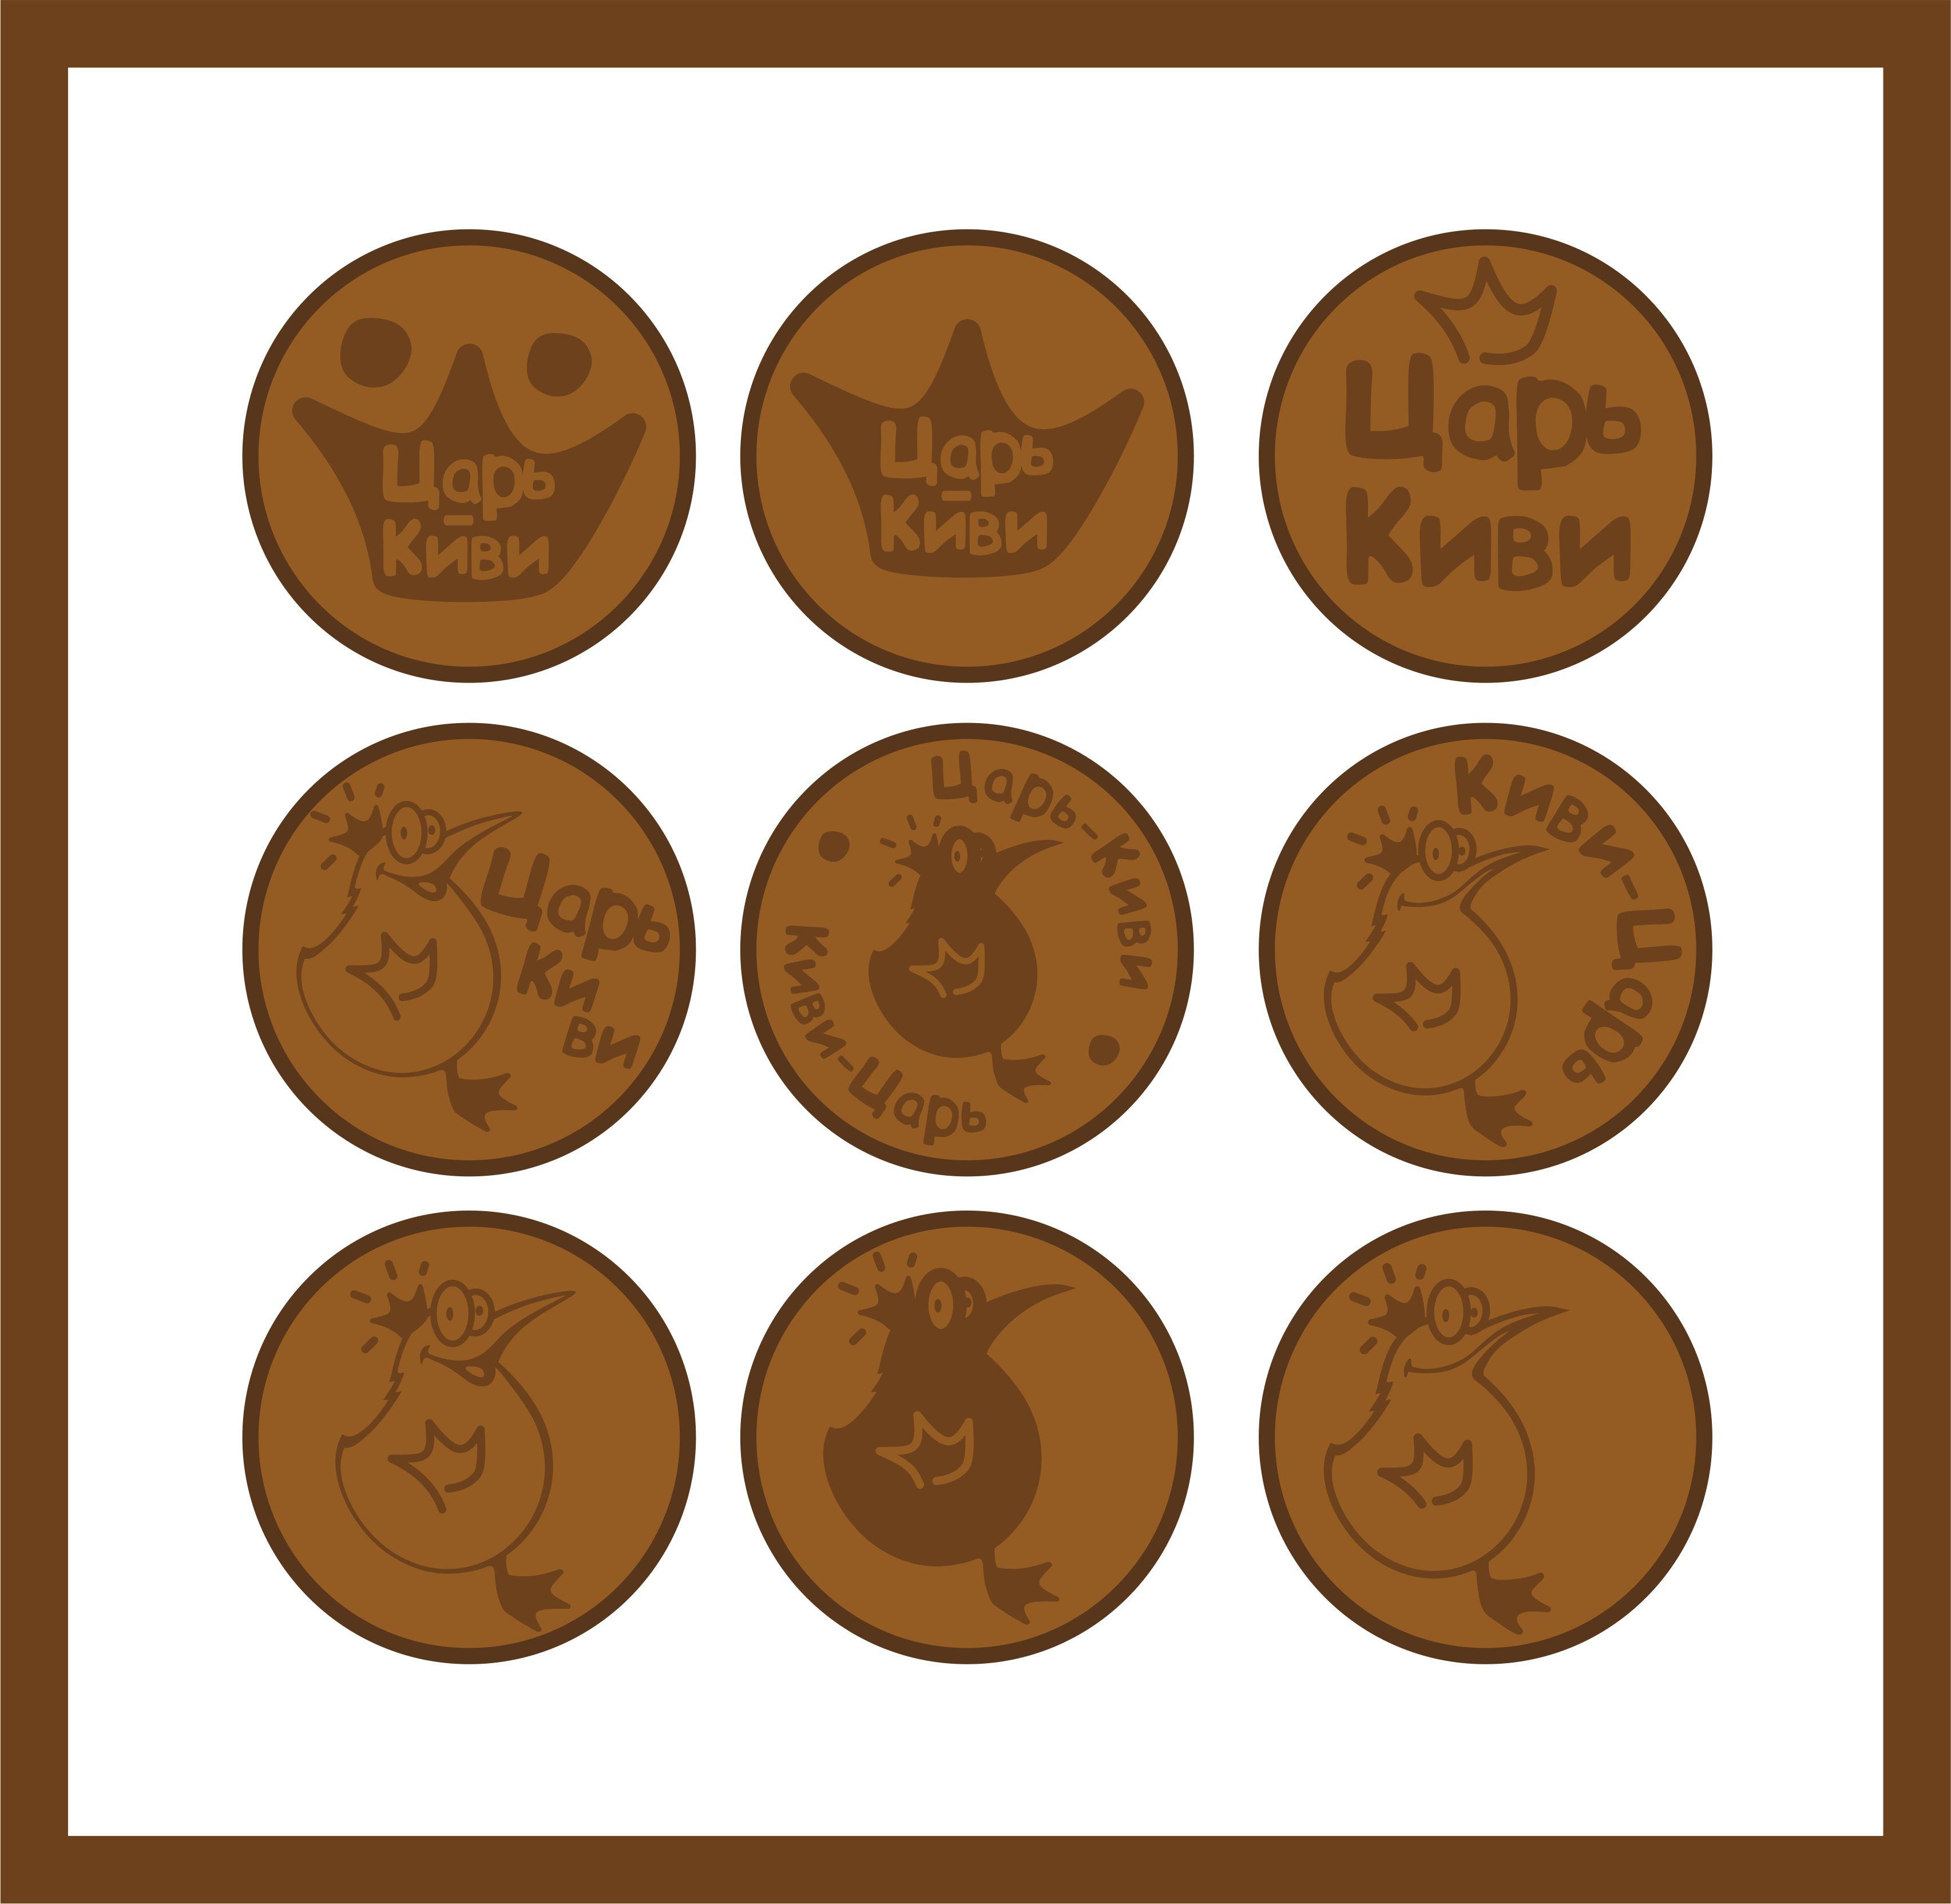 """Доработать дизайн логотипа кафе-кондитерской """"Царь-Киви"""" фото f_8935a09ce0bad37f.jpg"""